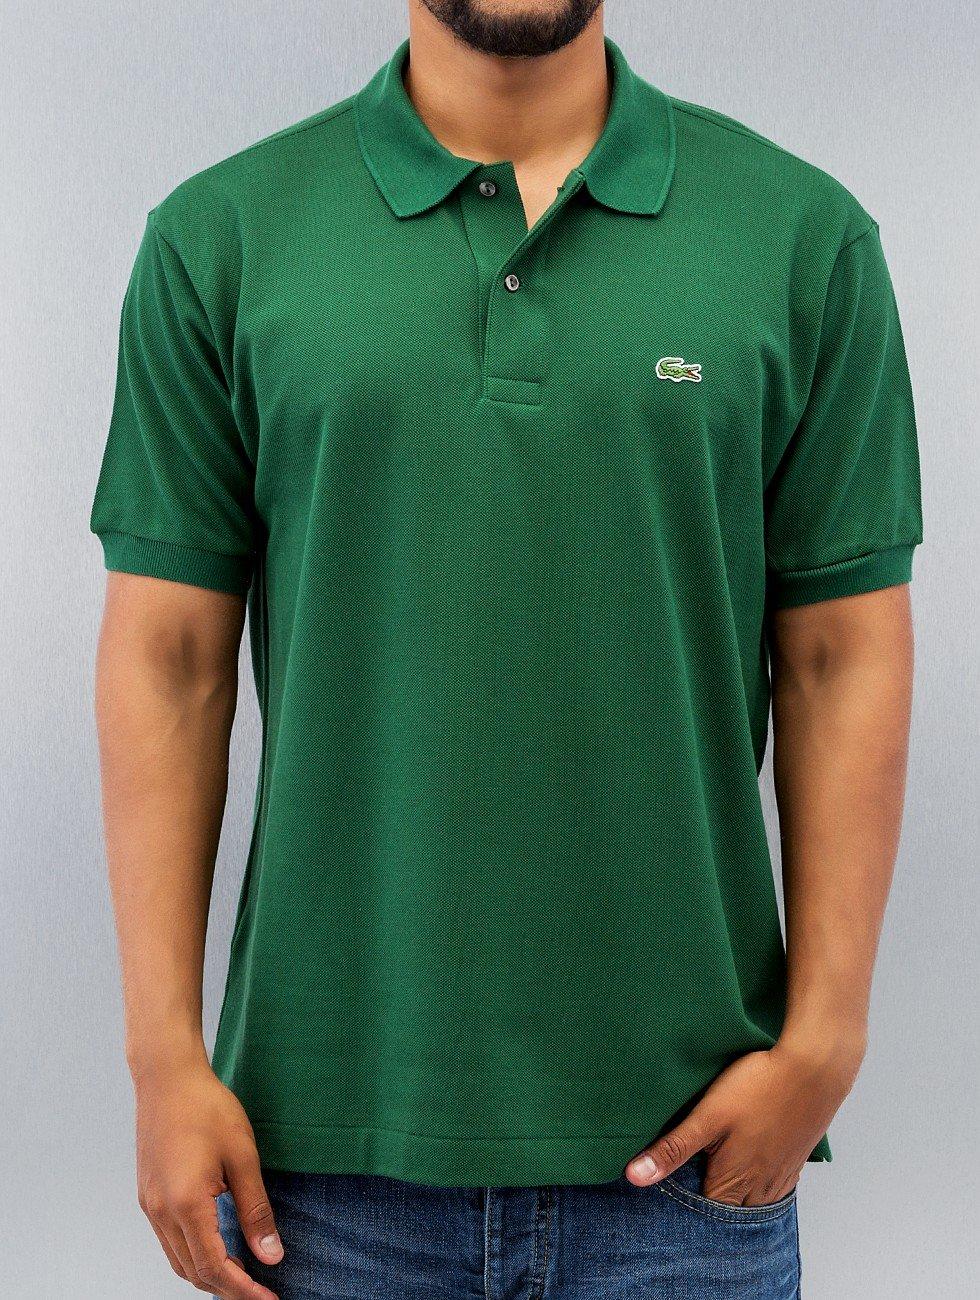 Lacoste Poloshirt Basic grün